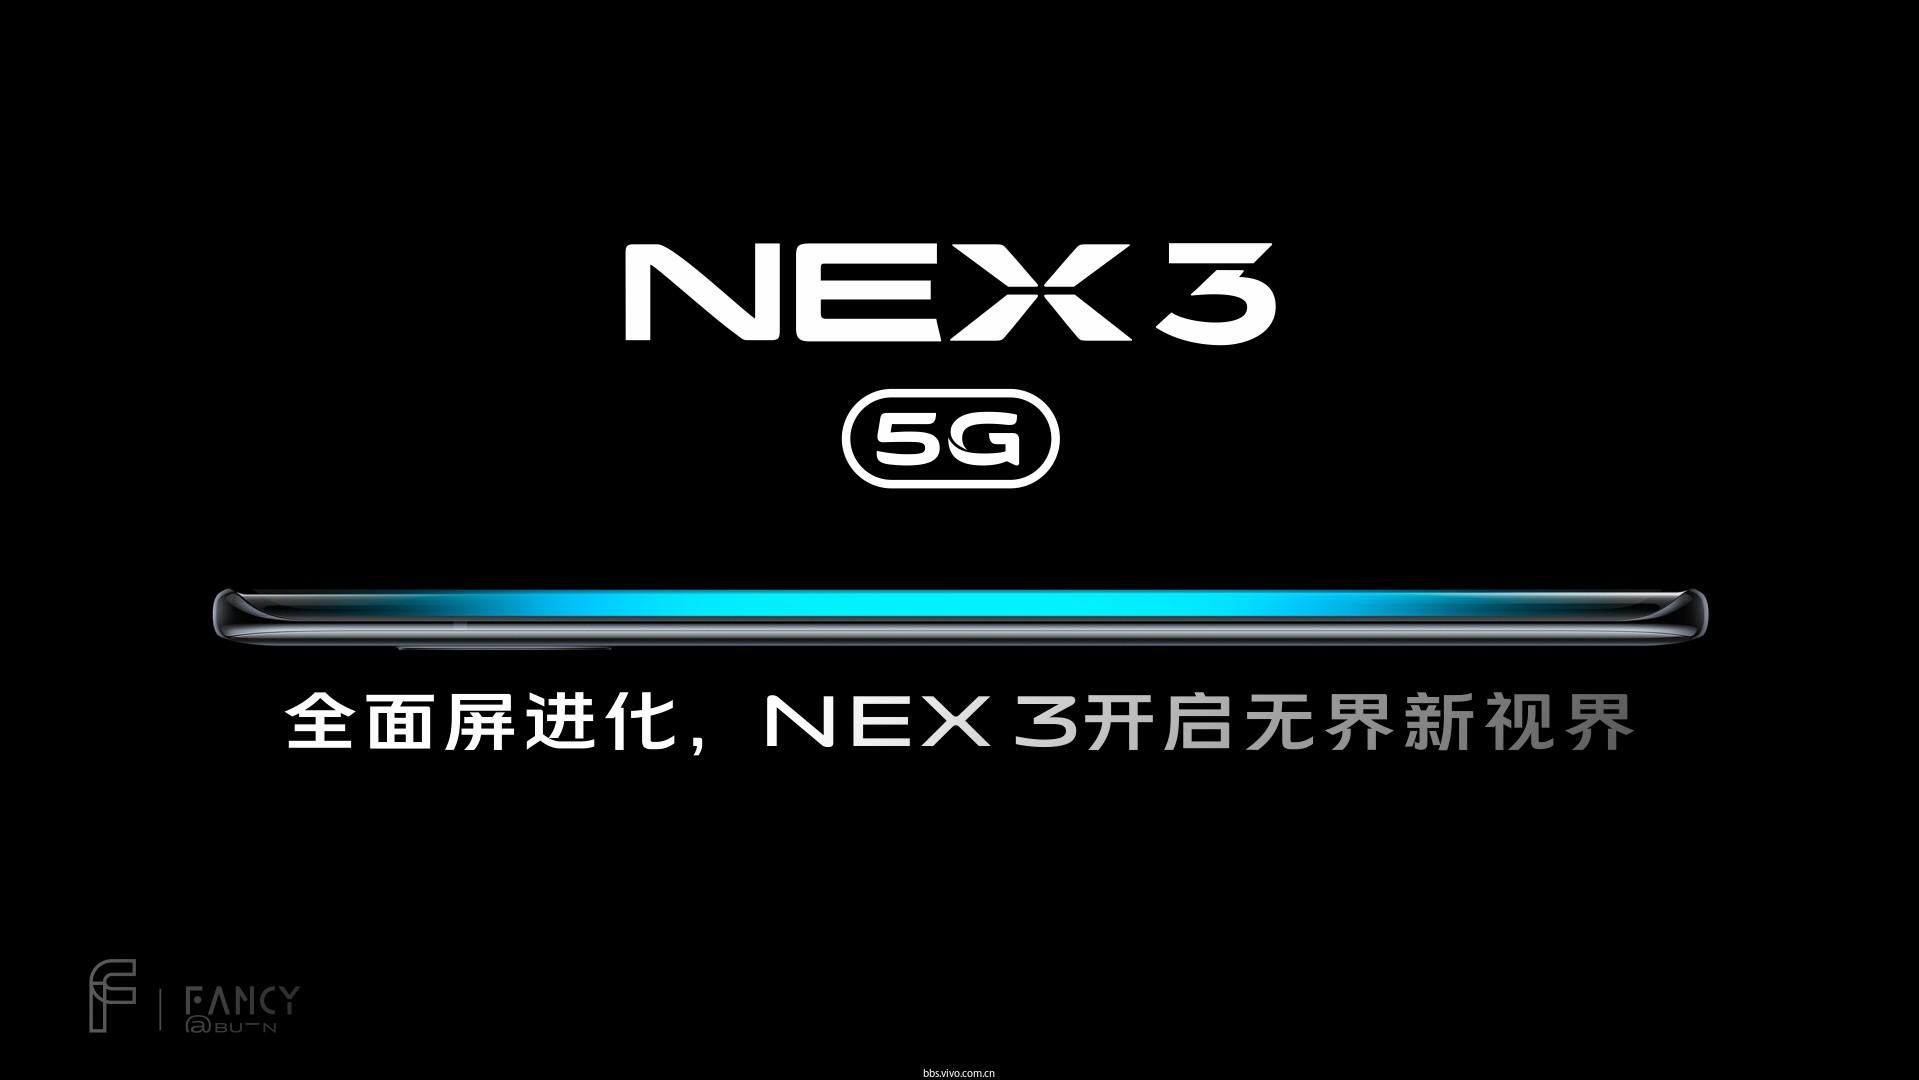 NEX3.jpg